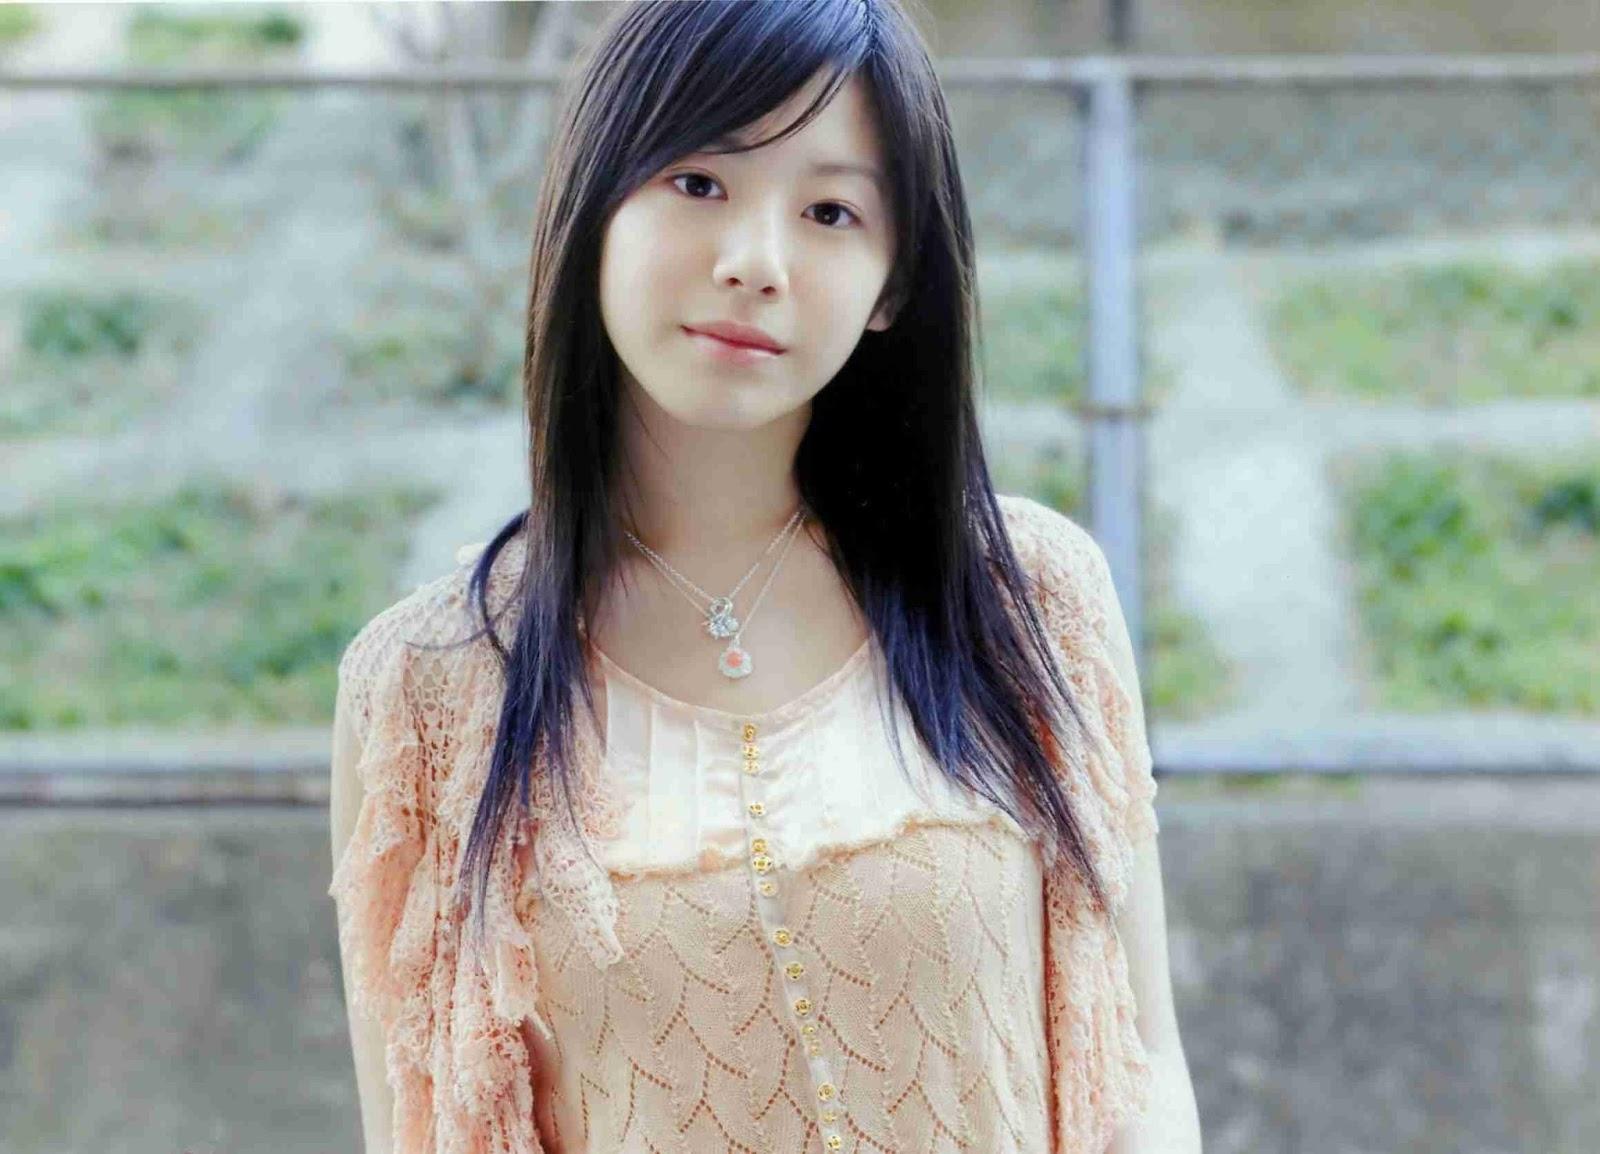 images Chisato Amate